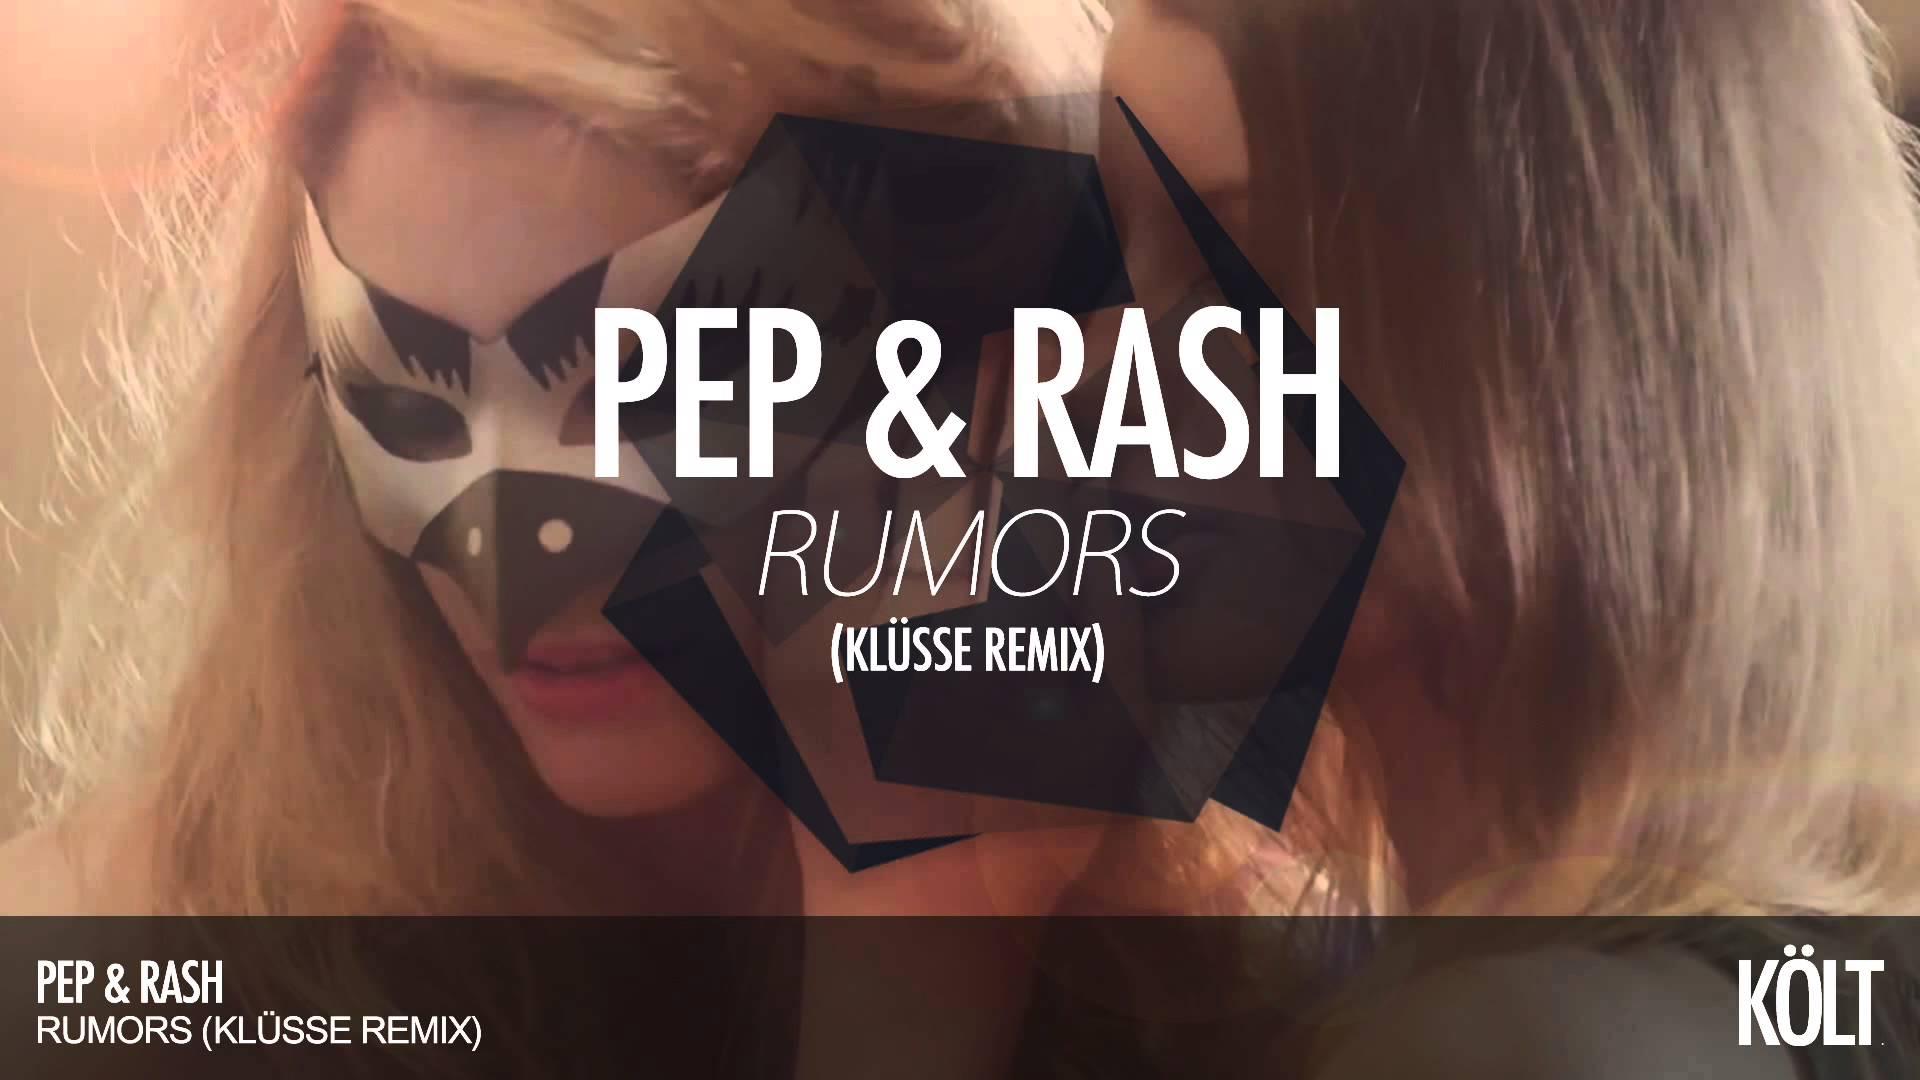 Pep & Rash - Rumors (Klüsse Remix)